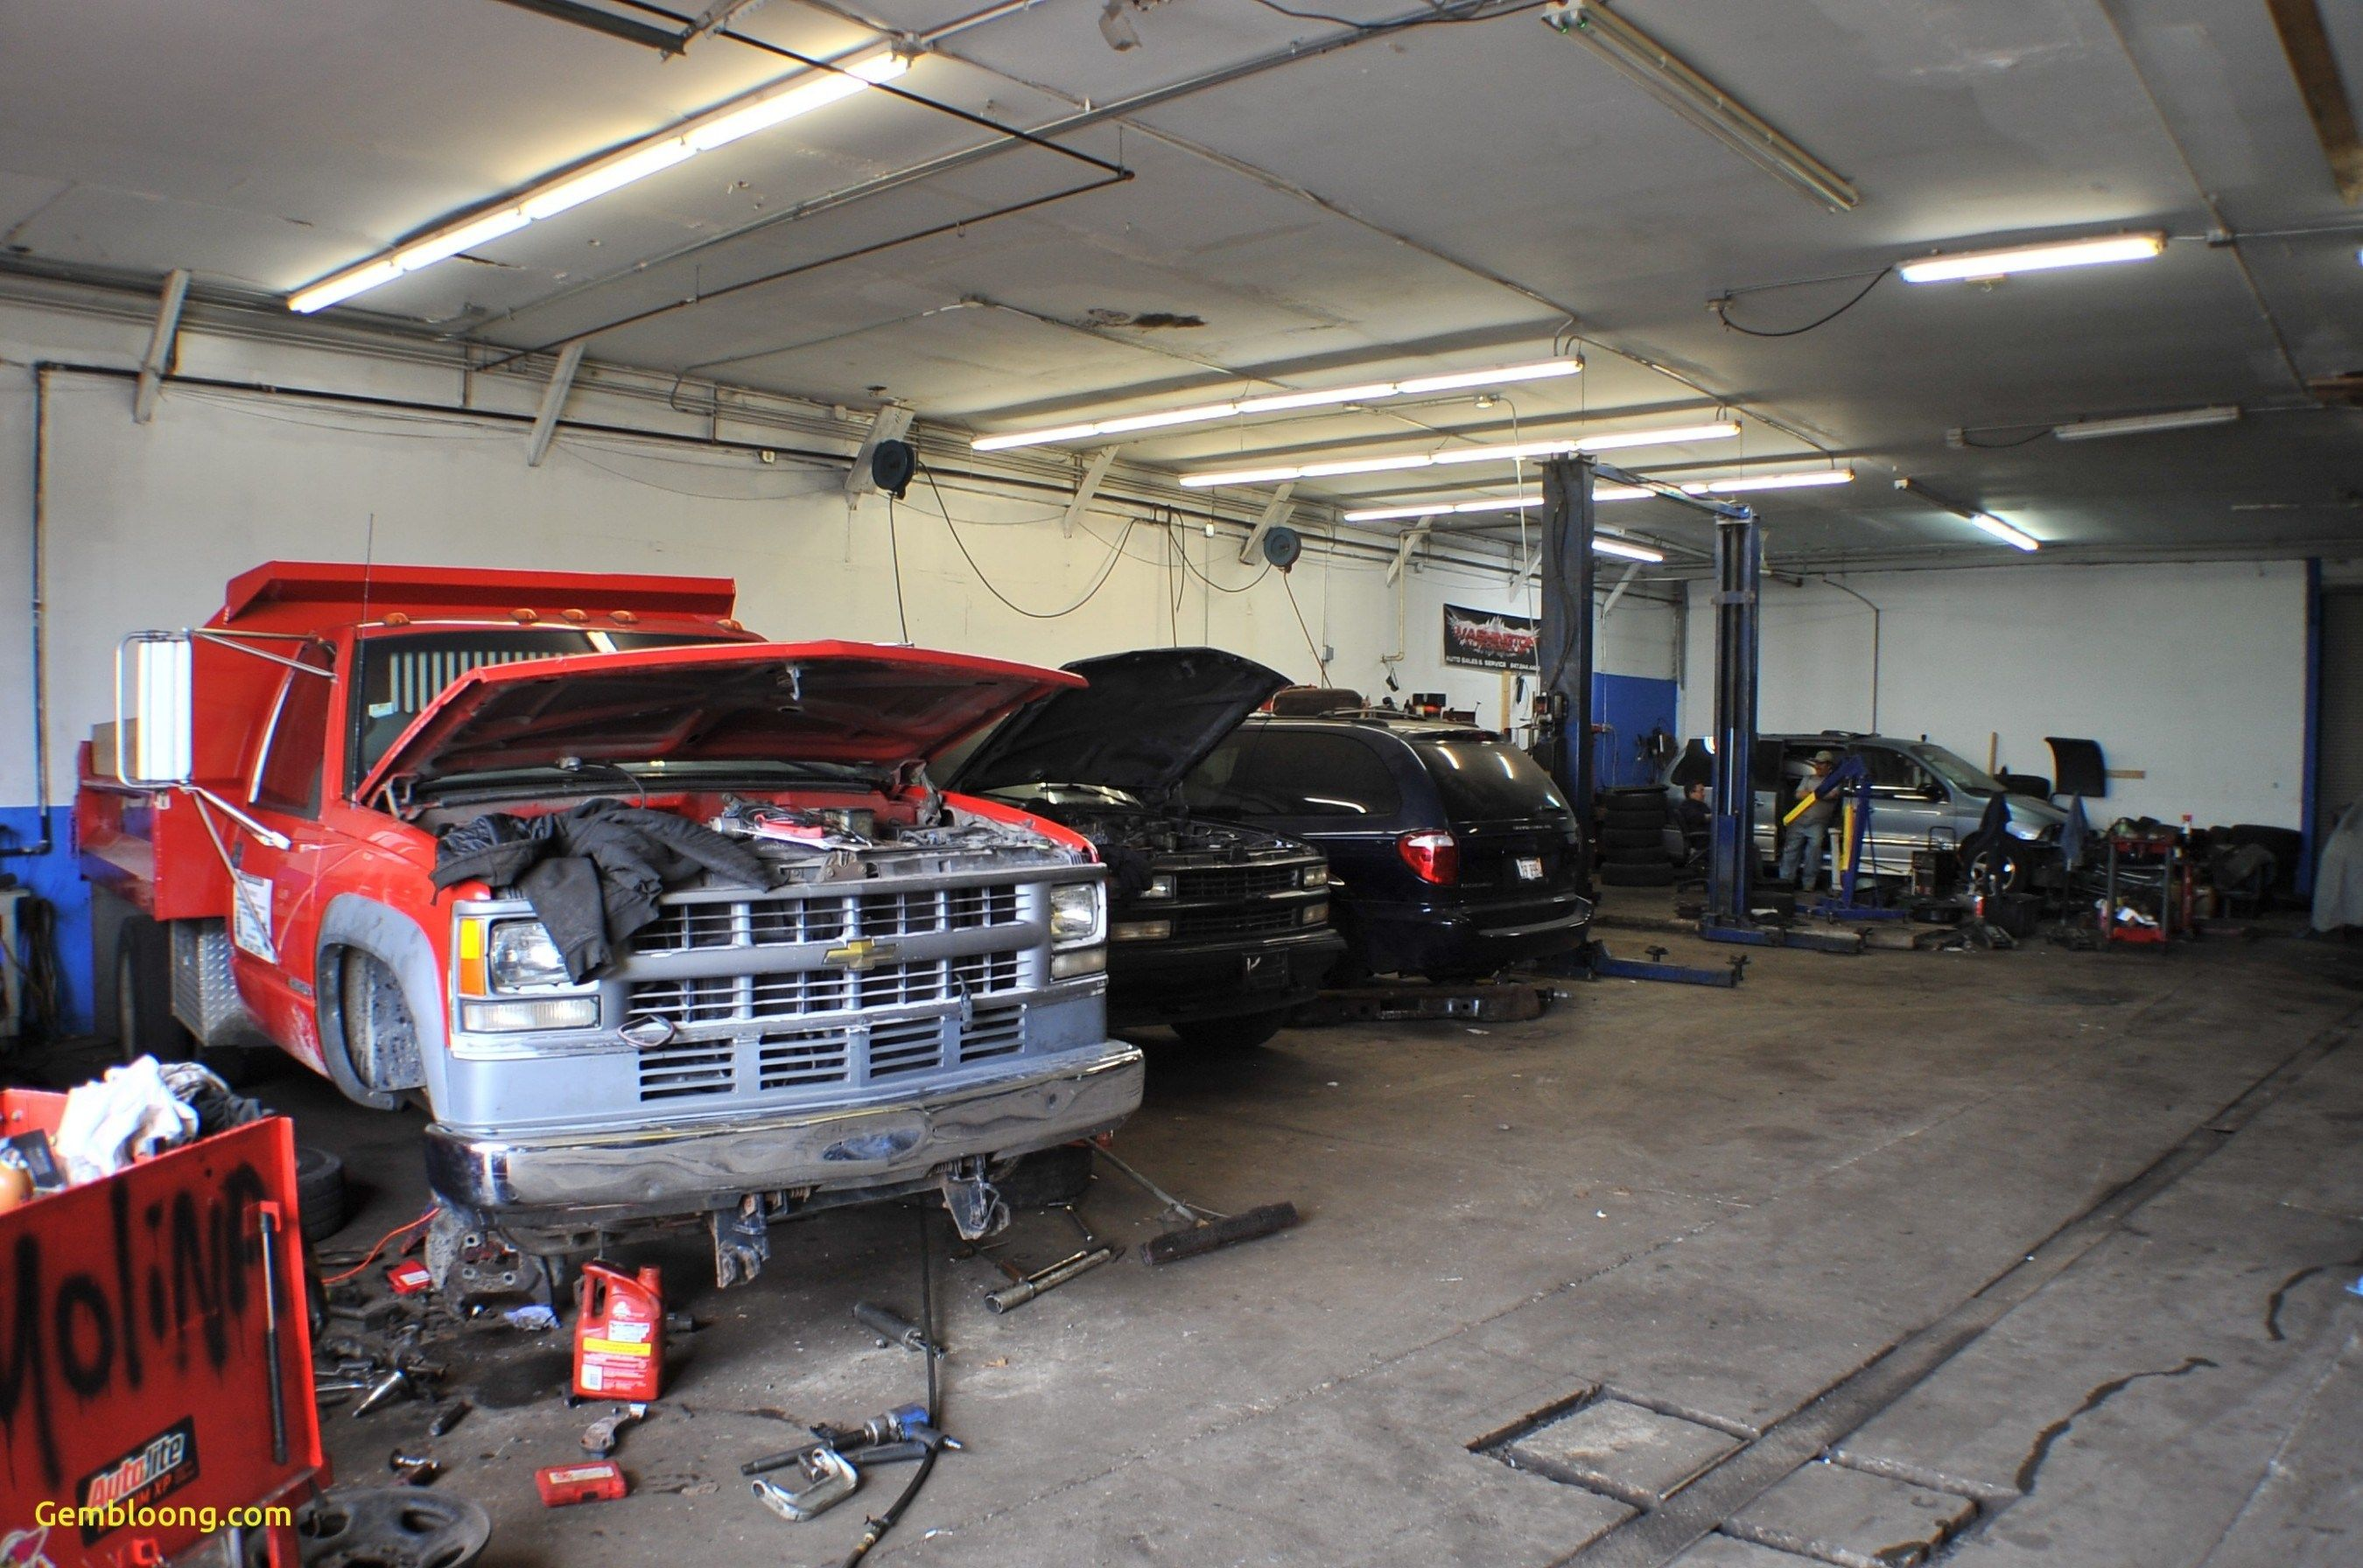 Repair Shops Near Me >> Pin By Nadia Safitri On Carmodify Car Repair Garages Car Shop